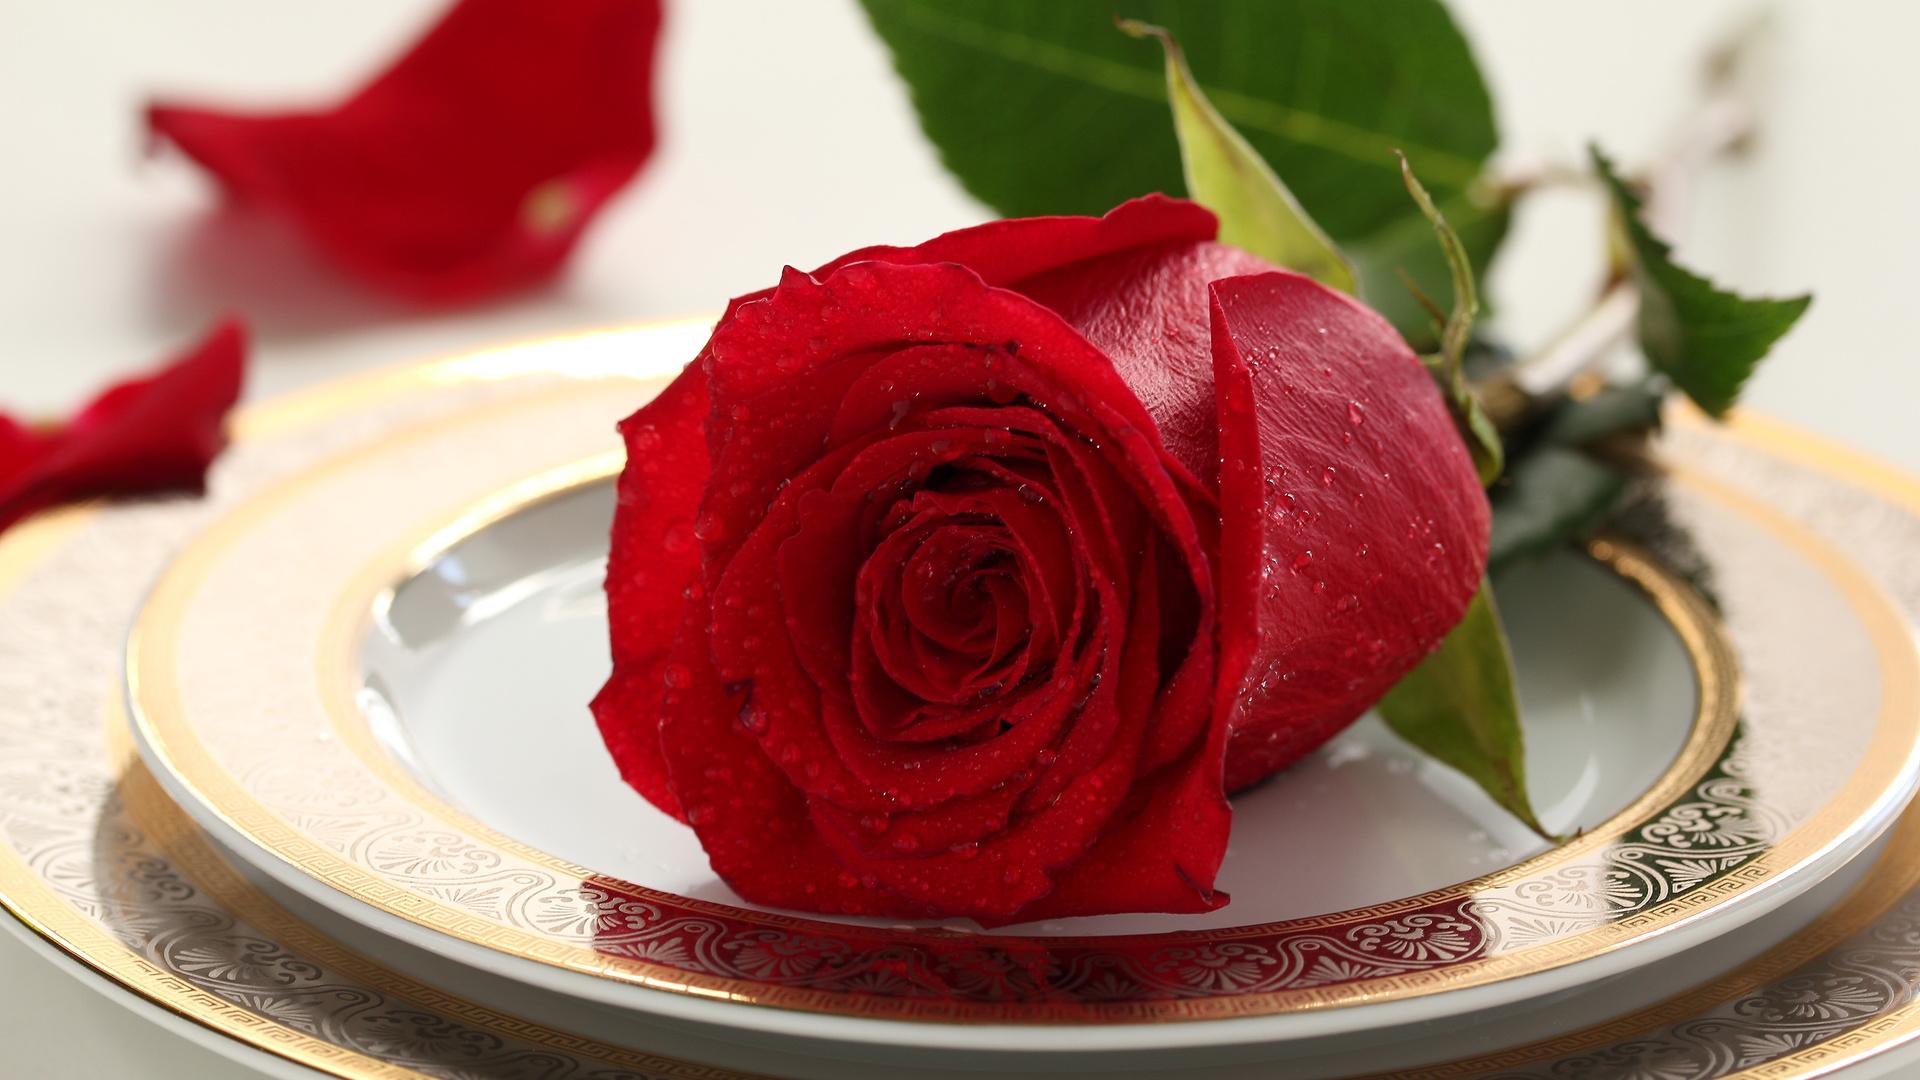 rose, капли, цветок, роза, стол, drops, сервис, service